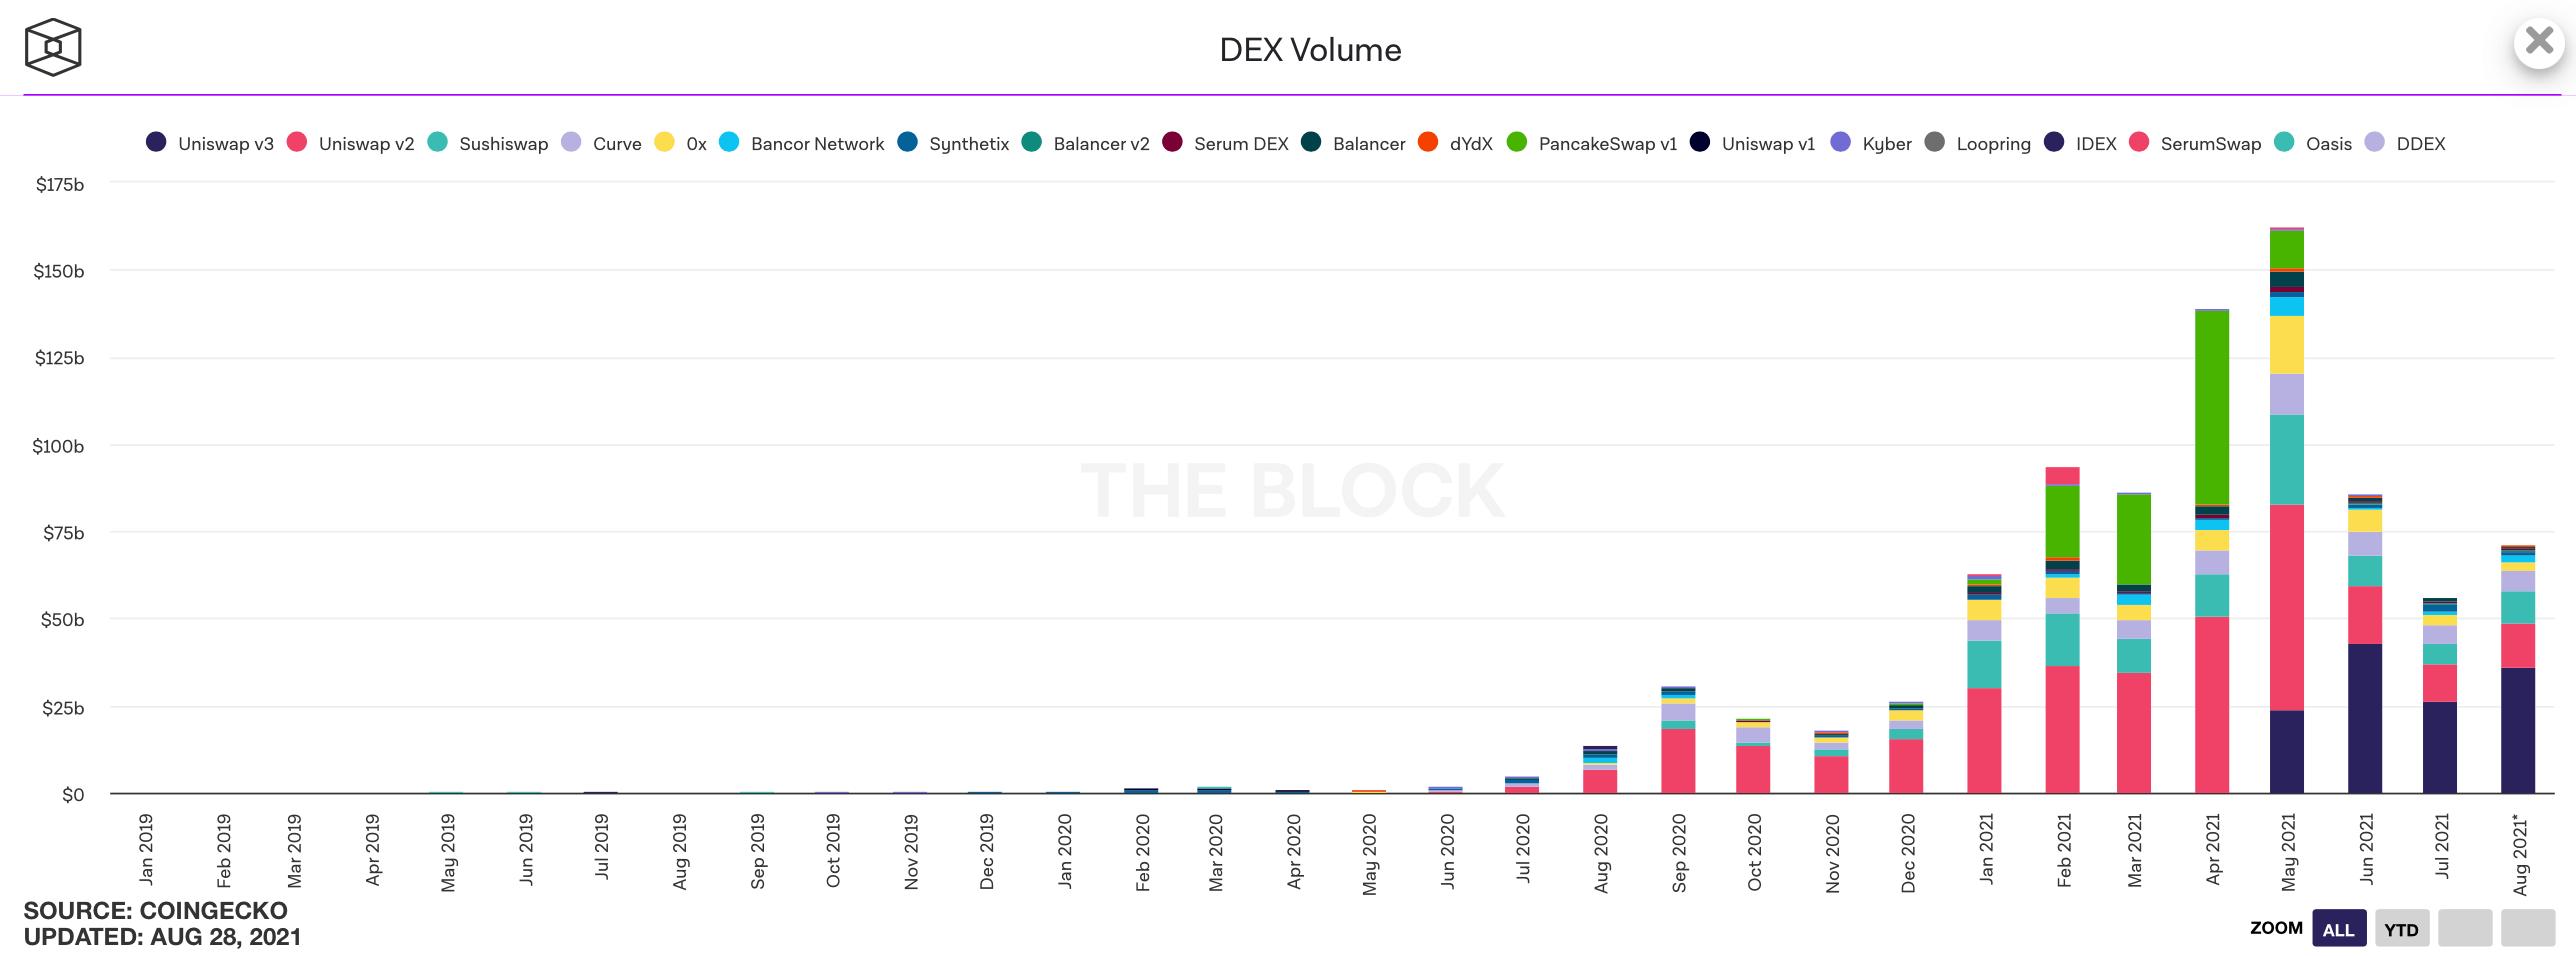 декс объёмы торгов